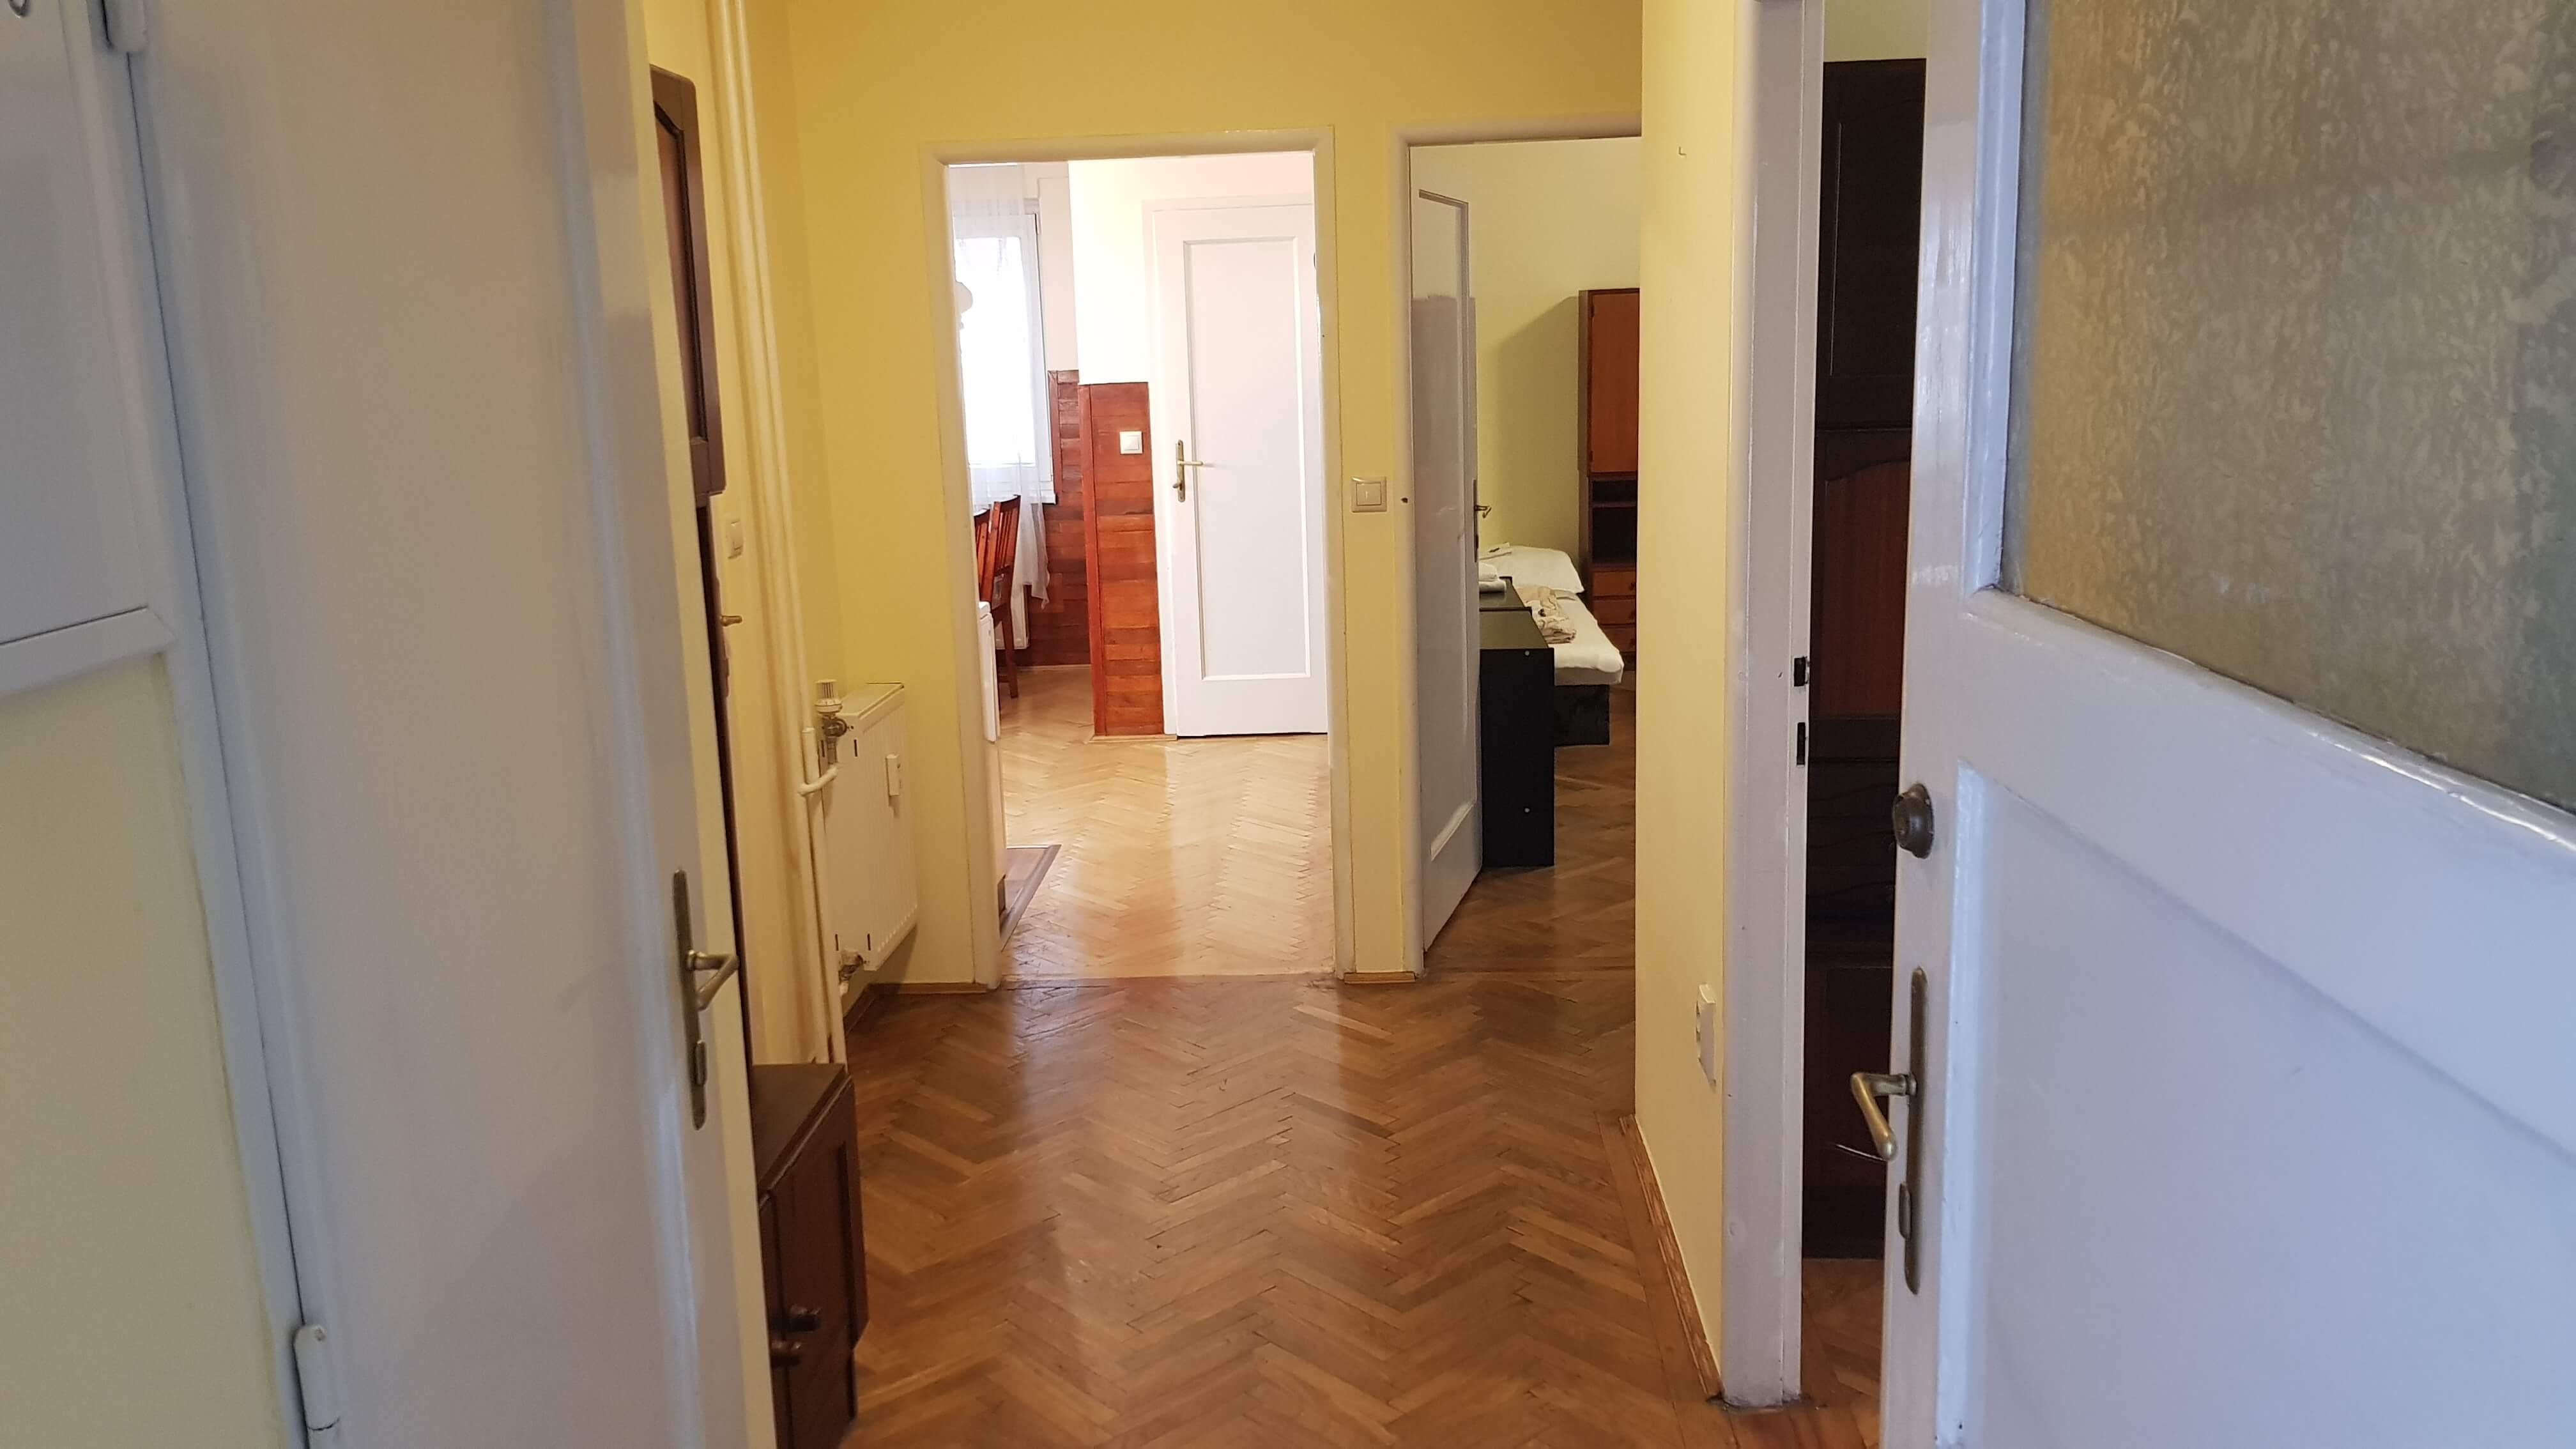 Predaj exkluzívneho 2 izb. bytu, staré mesto, Šancová ulica, Bratislava, 75m2, kompletne zariadený-38